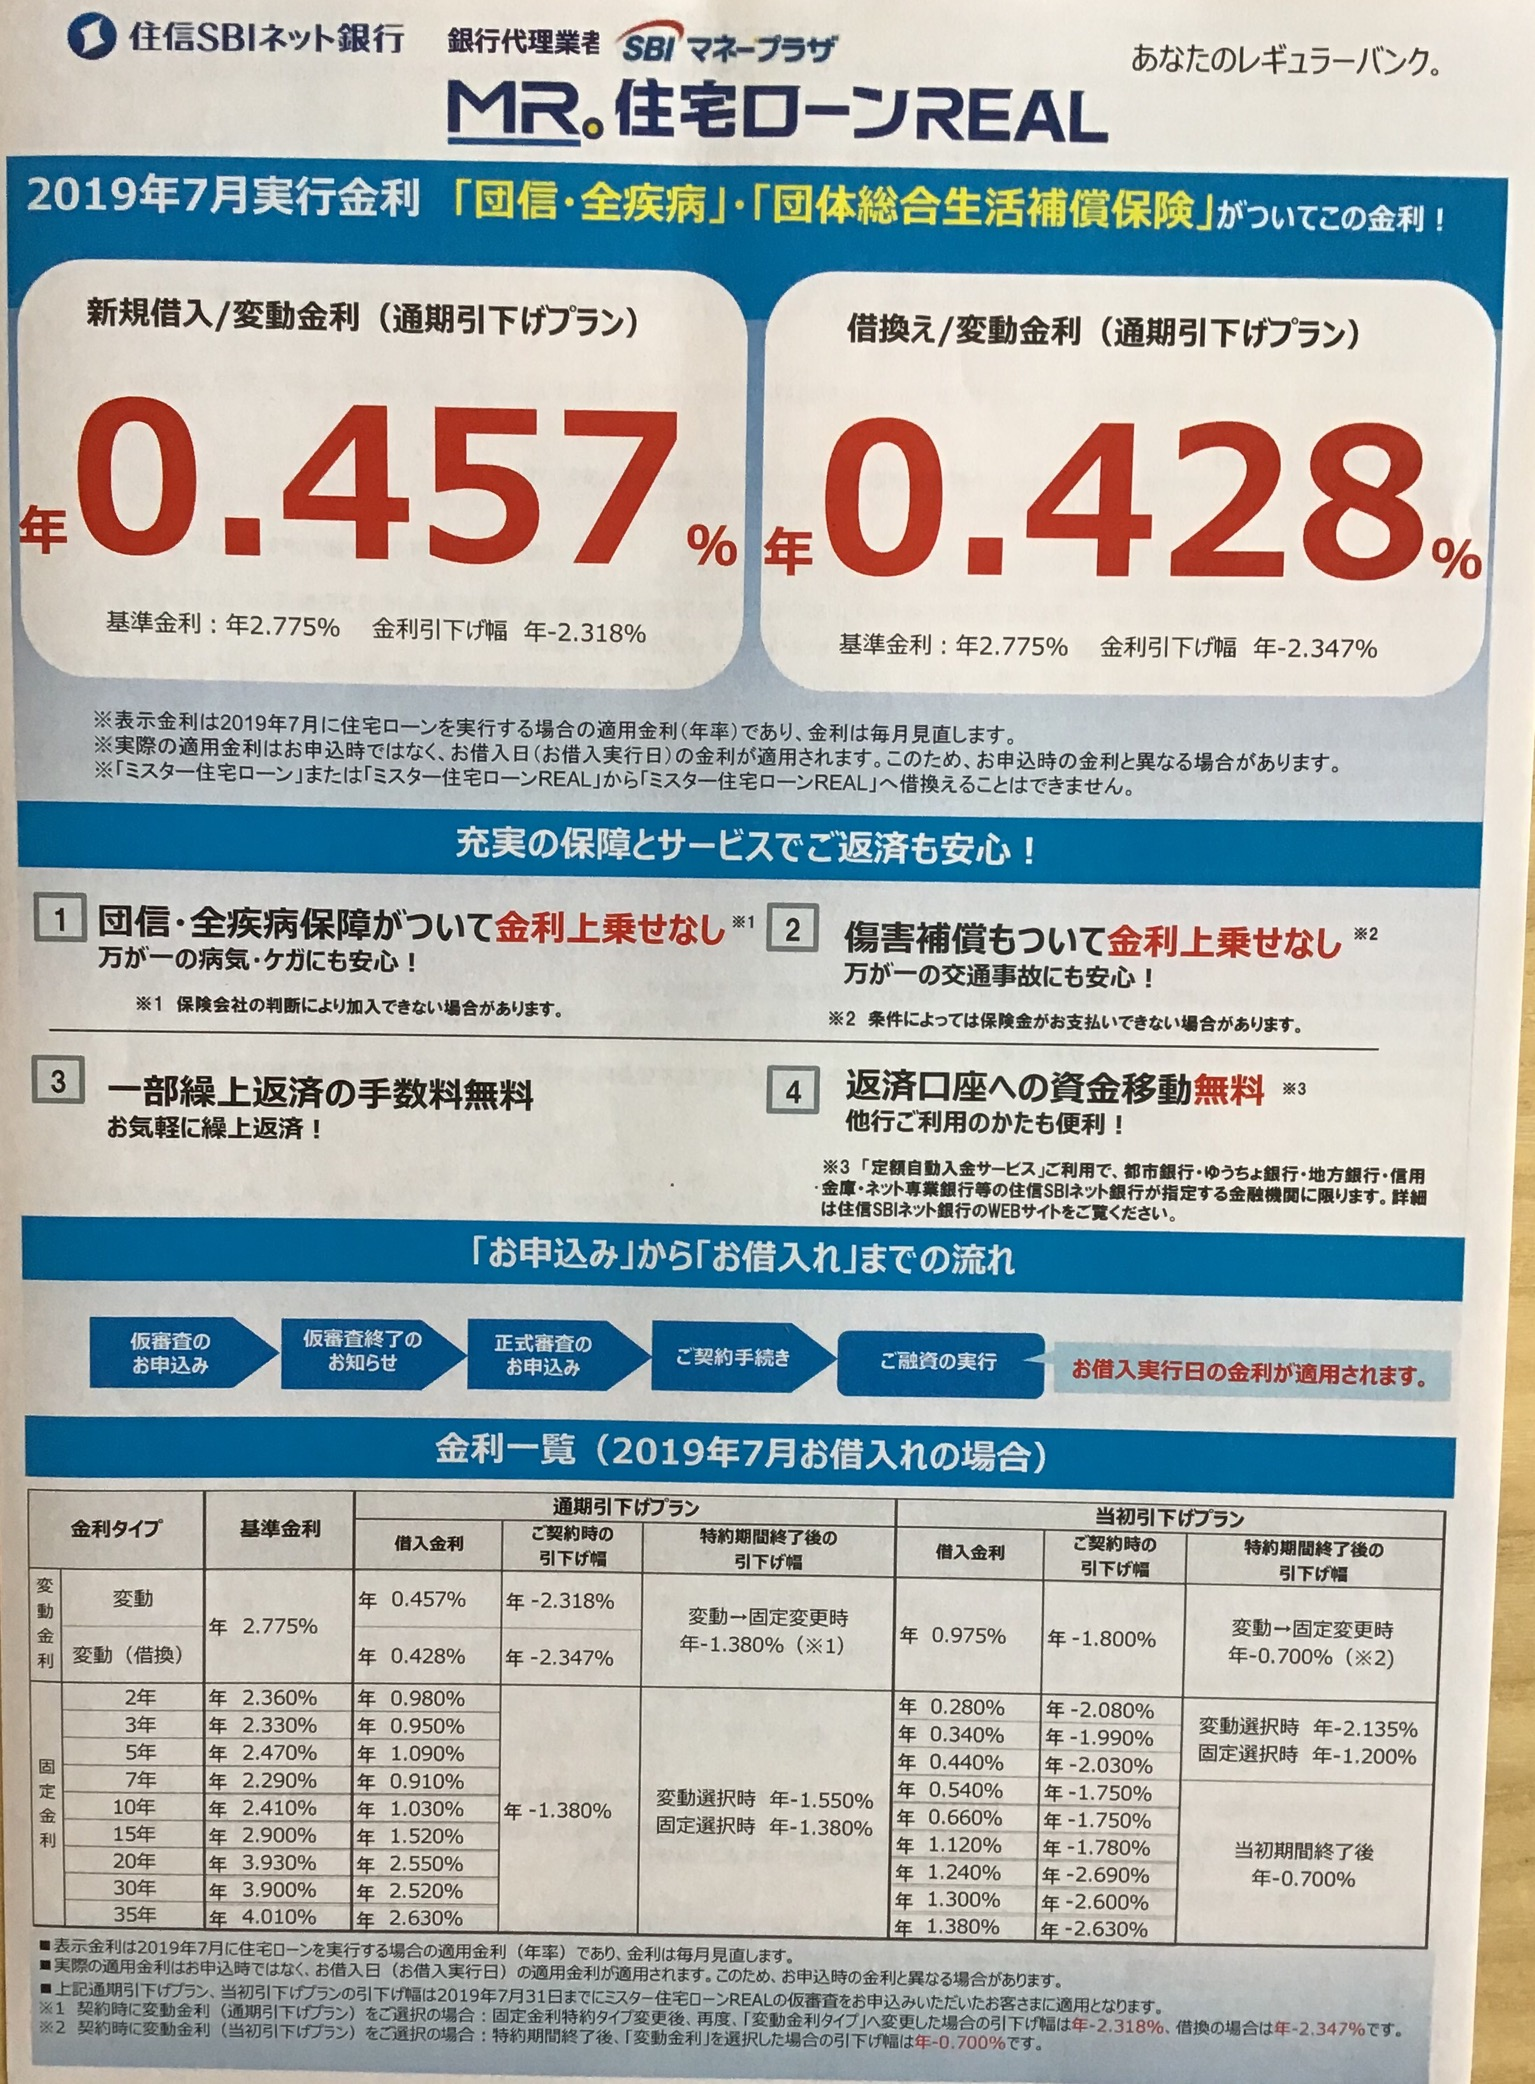 8E19509A-0048-4152-A7D9-A12115A4C522